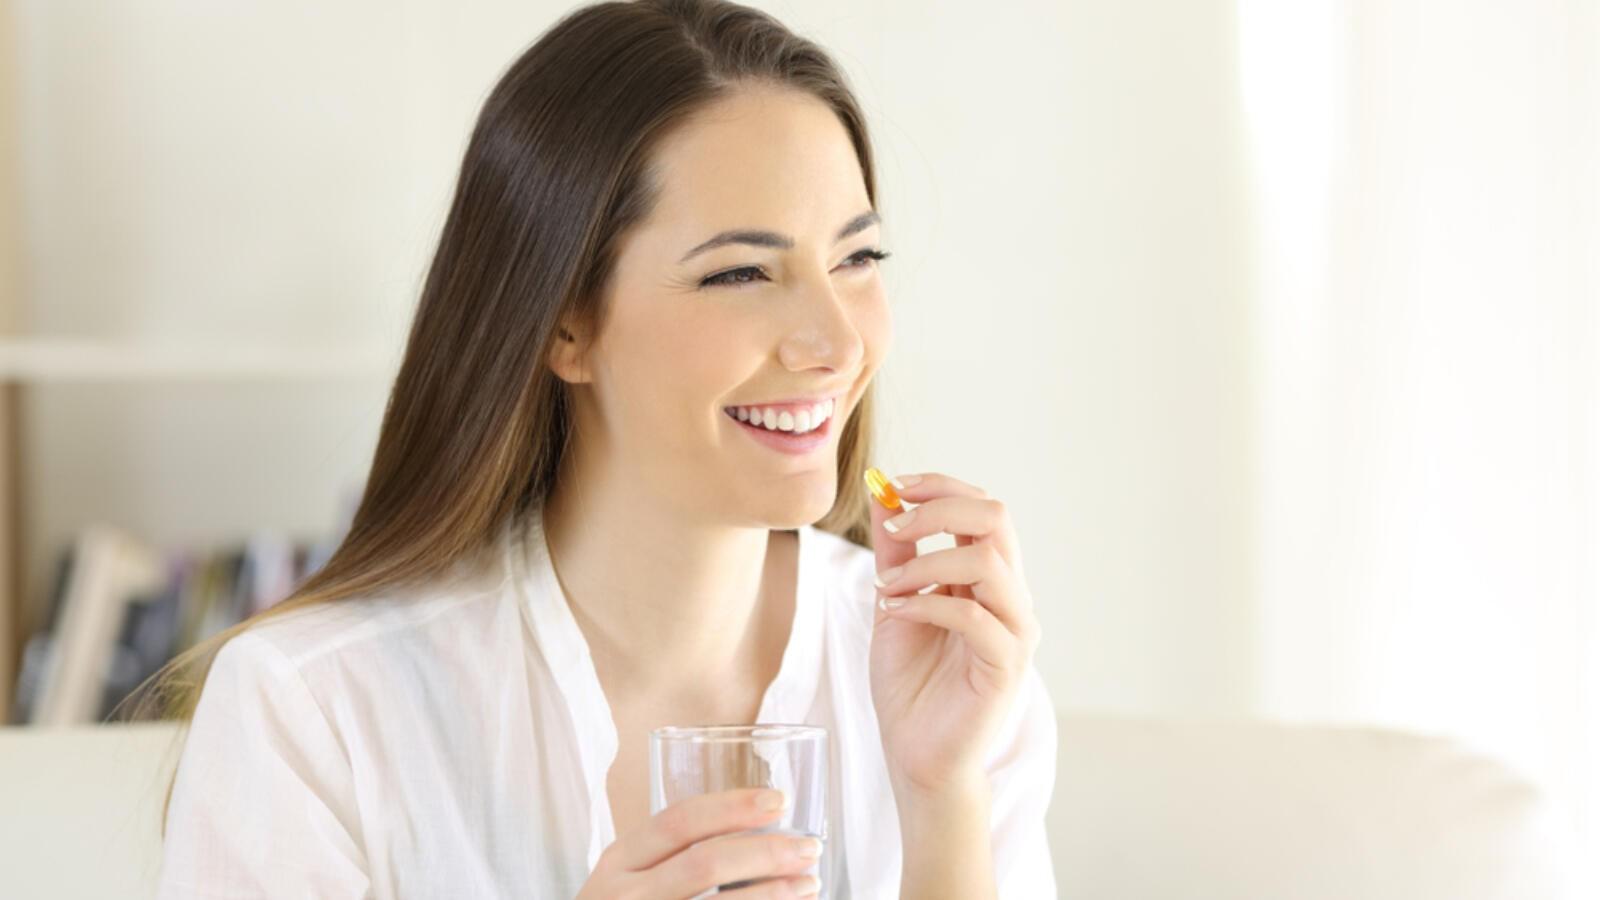 ابتكار مكمل غذائي يساعد في تخفيف الانتفاخ